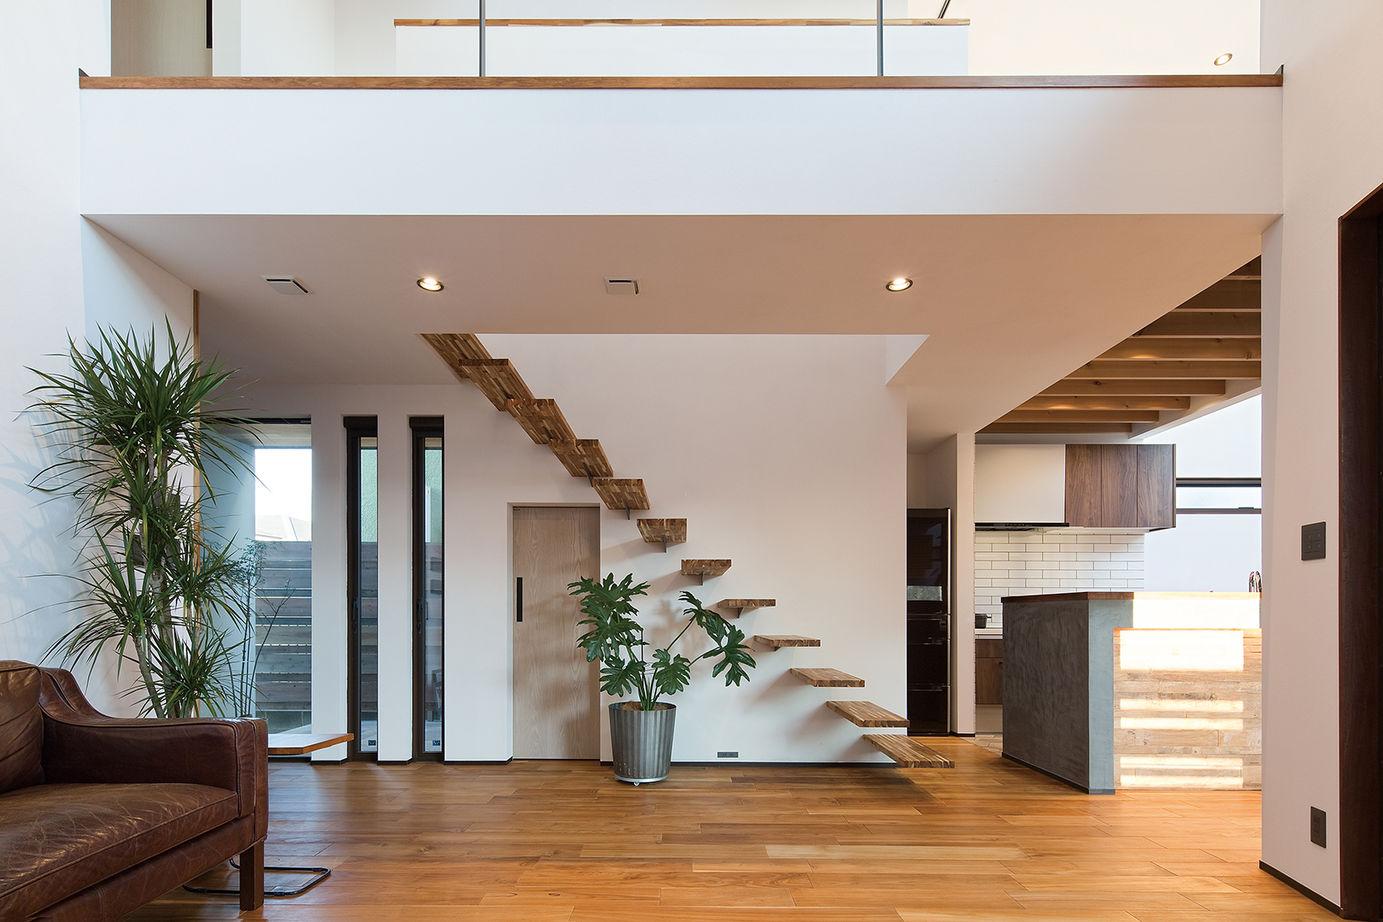 """光に溢れ、家の中を心地よい風が走り抜けていく。素材、デザインにとことんこだわった""""自分らしい家""""画像3"""